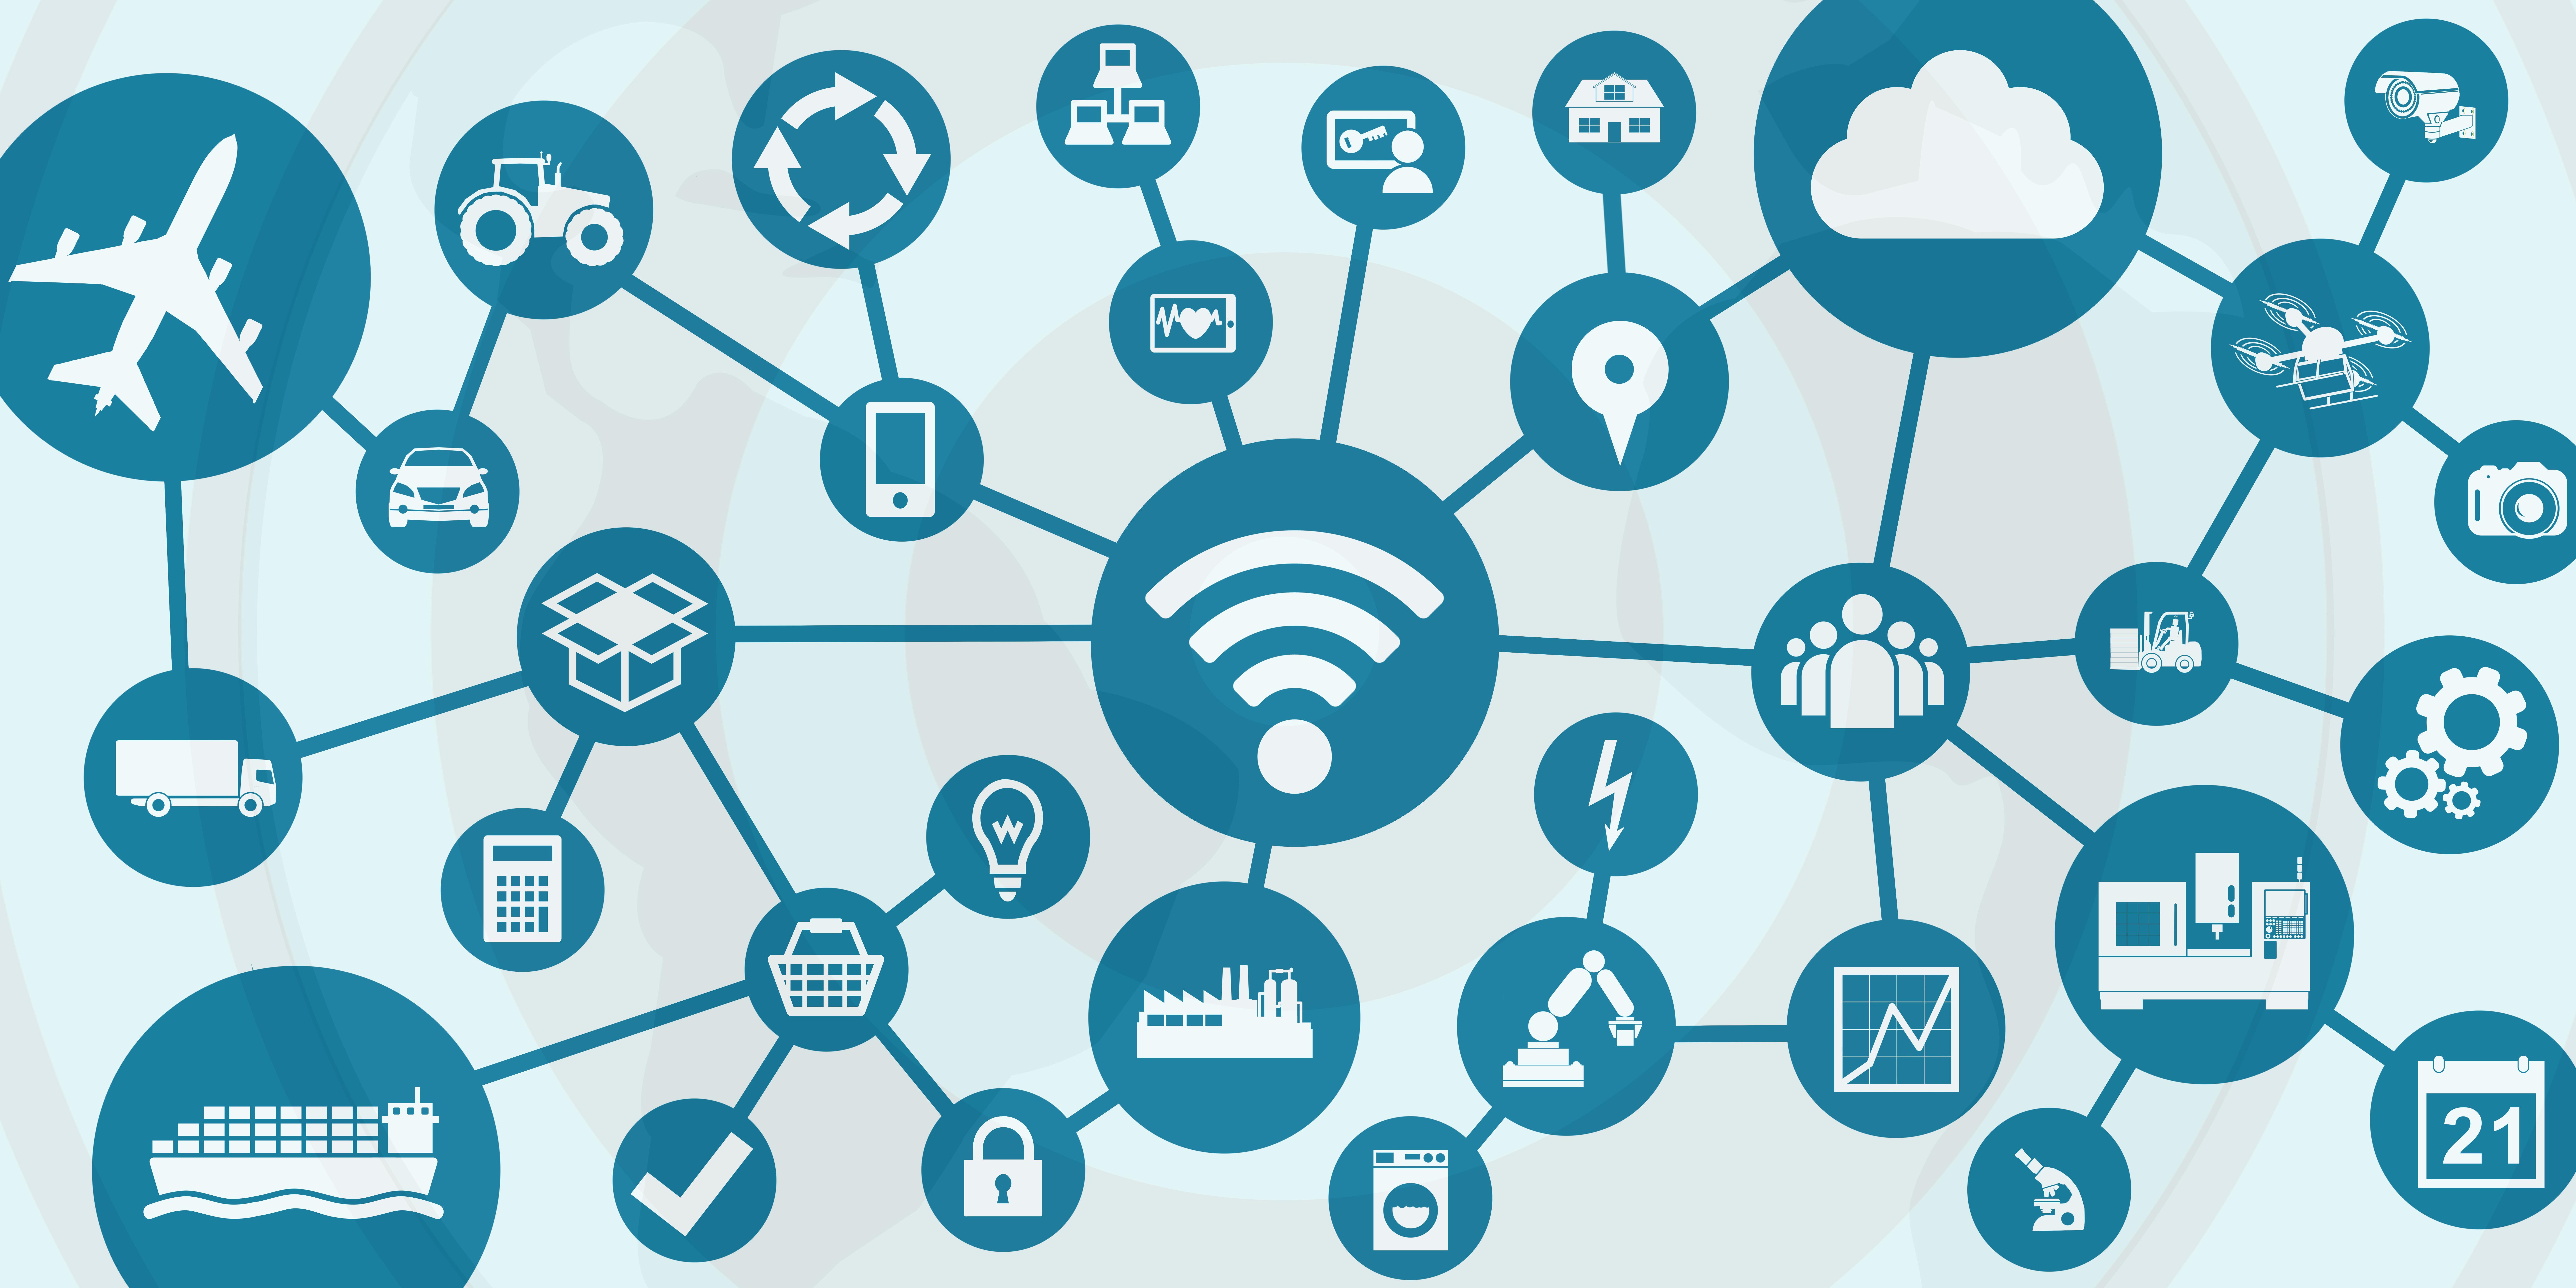 i4b31 Industrie4Banner i4b - internet der dinge - industry 4.0 - 2to1 g3641